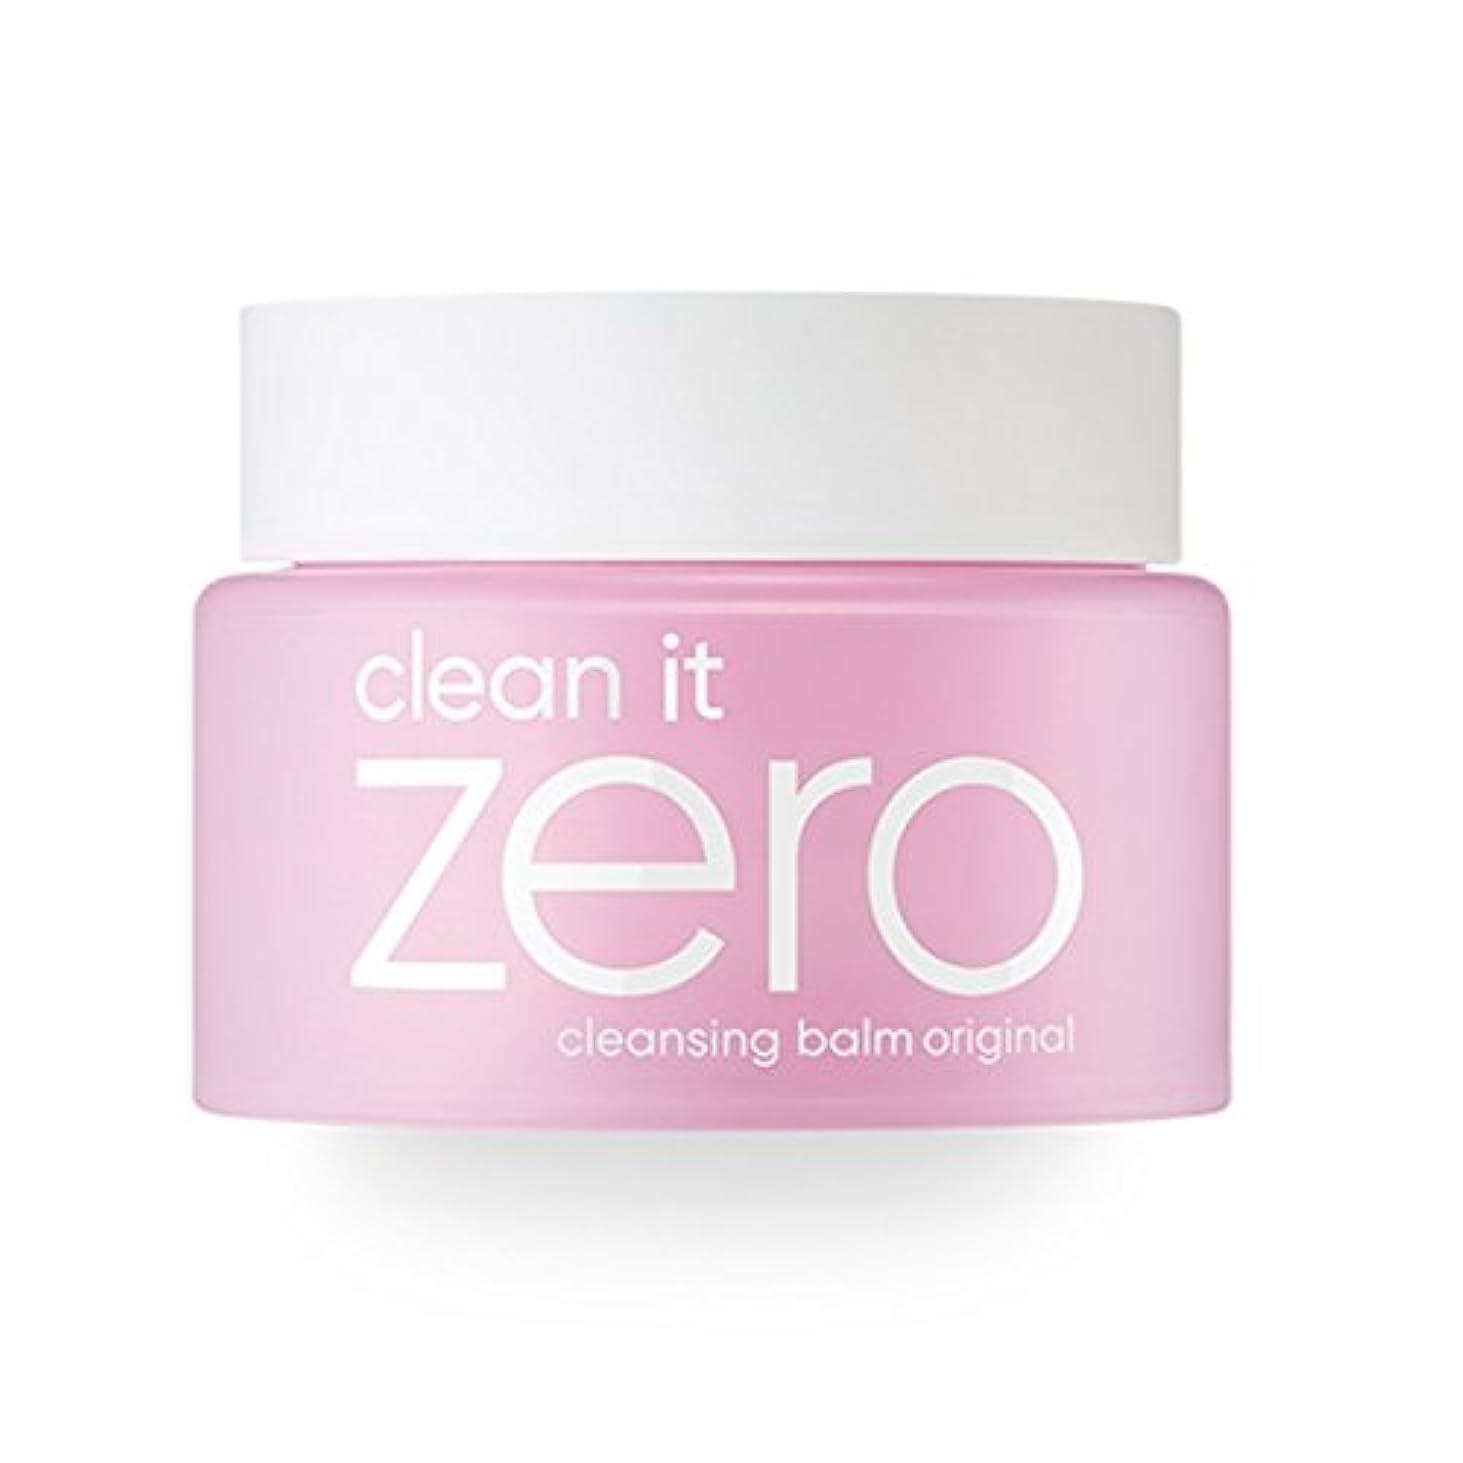 発音色むき出しBanila.co クリーン イット ゼロ クレンジングバーム オリジナル / Clean it Zero Cleansing Balm Original (100ml)